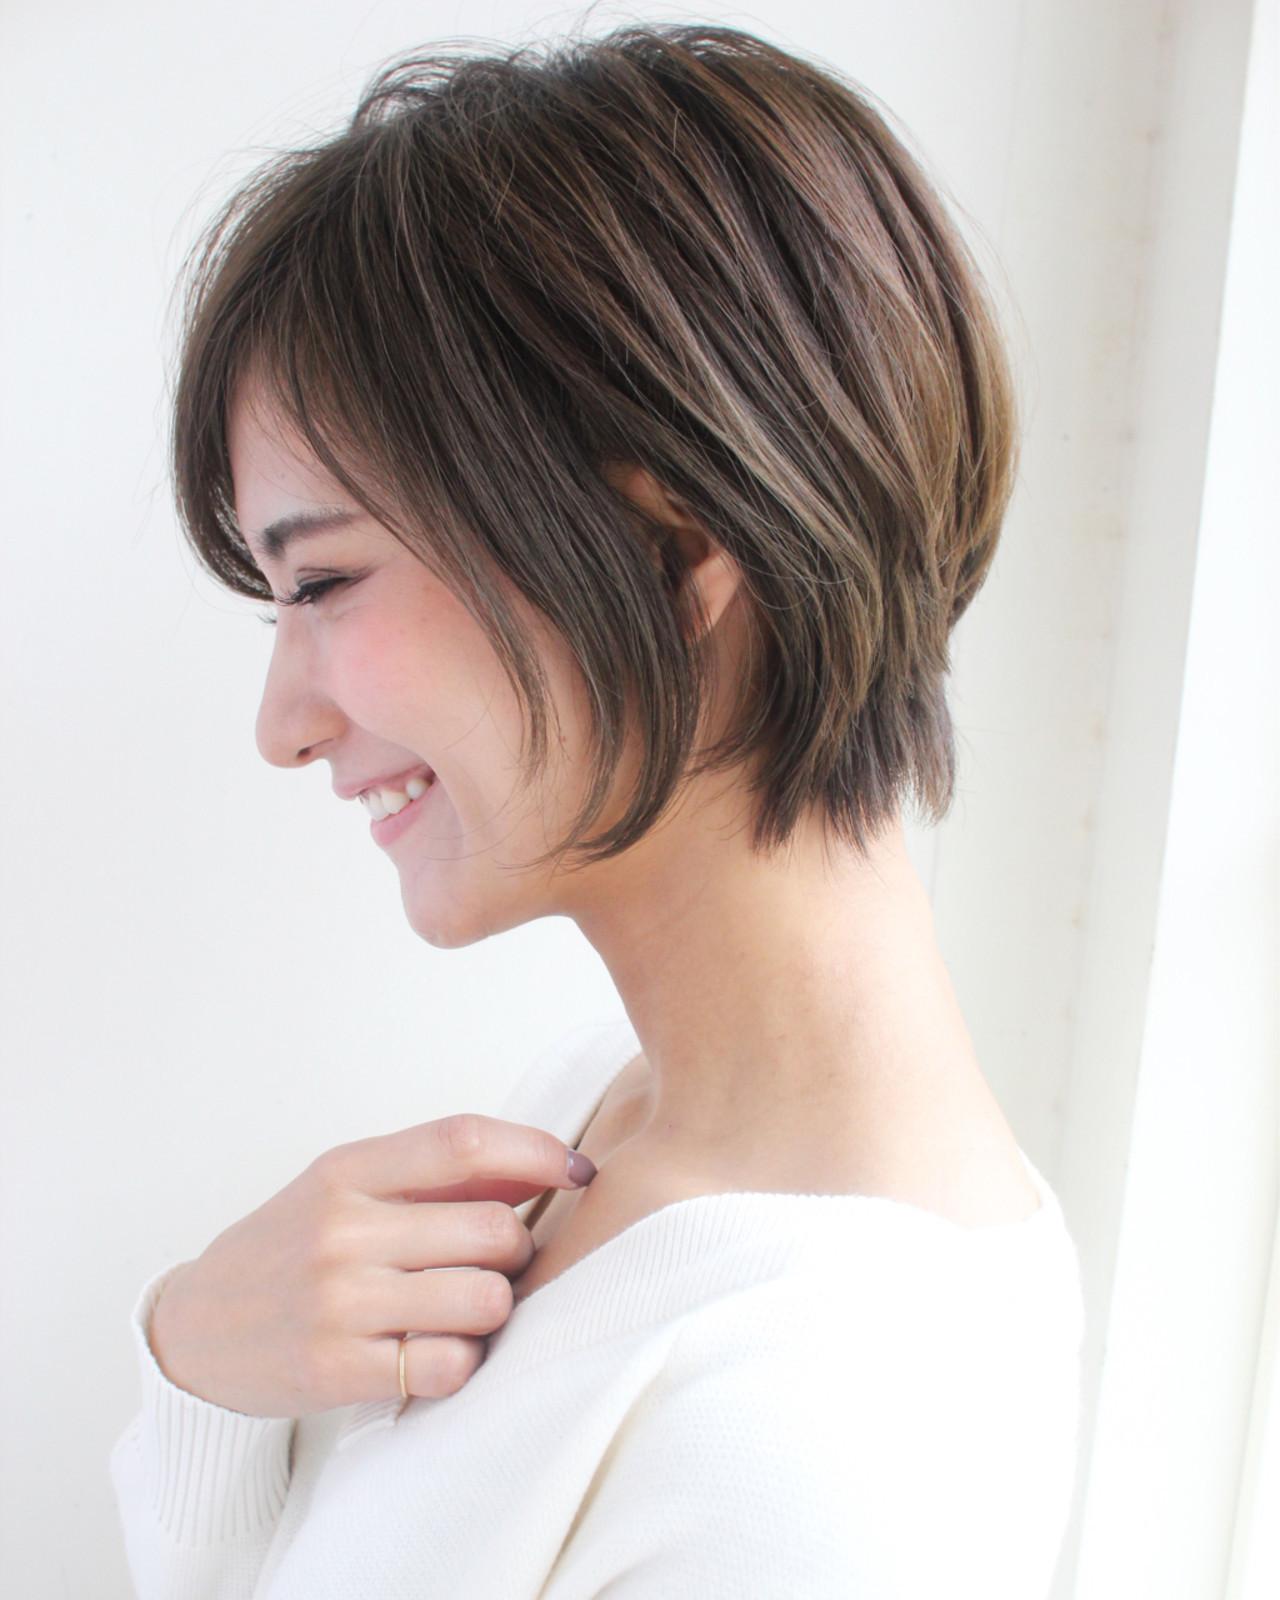 縮毛矯正をプラスして、完成度の高いショートスタイルの完成♡の12枚目の画像